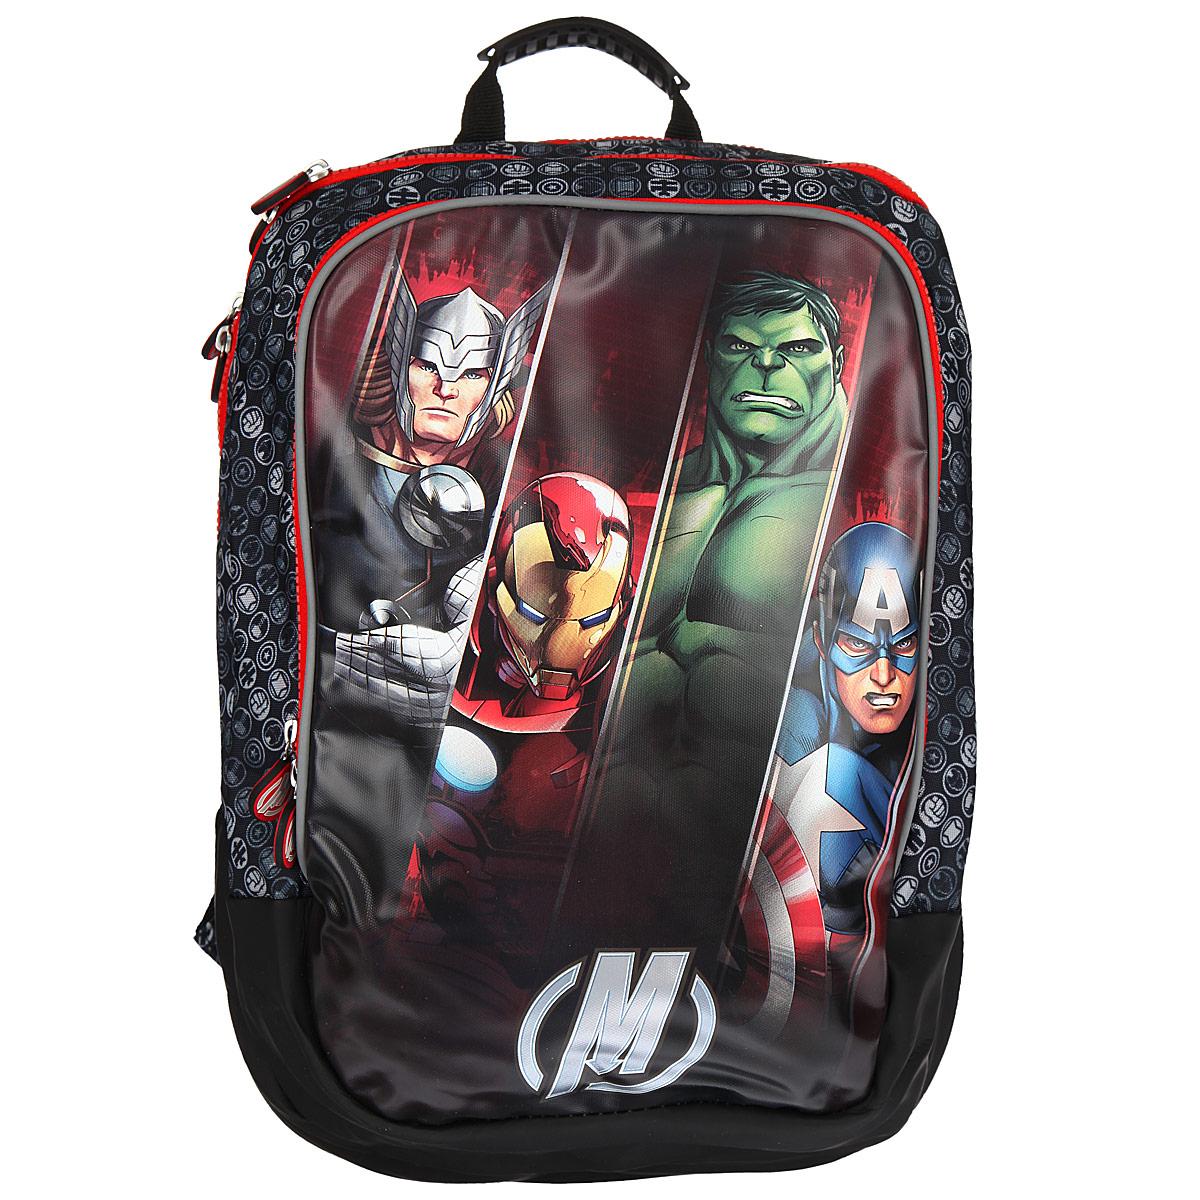 Рюкзак школьный Мстители, цвет: черный, серый, красный. 2590225902Вместительный ортопедический рюкзак Мстители обязательно понравится вашему школьнику. Он выполнен из прочного и водонепроницаемого материла черного, серого и красного цветов и оформлен изображением героев из мультсериала Мстители. Содержит два вместительных отделения, закрывающиеся на застежки- молнии с двумя бегунками. Бегунки застежки дополнены прорезиненными держателями. В большом отделении имеется прорезной карман на молнии. Лицевая сторона рюкзака оснащена накладным карманом на застежке- молнии, внутри которого расположены три кармашка для канцелярских принадлежностей. Ортопедическая спинка равномерно распределяет нагрузку на плечевые суставы и спину. Конструкция спинки дополнена эргономичными подушечками, противоскользящей сеточкой и системой вентиляции для предотвращения запотевания спины ребенка. Мягкие широкие лямки позволяют легко и быстро отрегулировать рюкзак в соответствии с ростом. Рюкзак оснащен эргономичной ручкой для удобной переноски в руке....